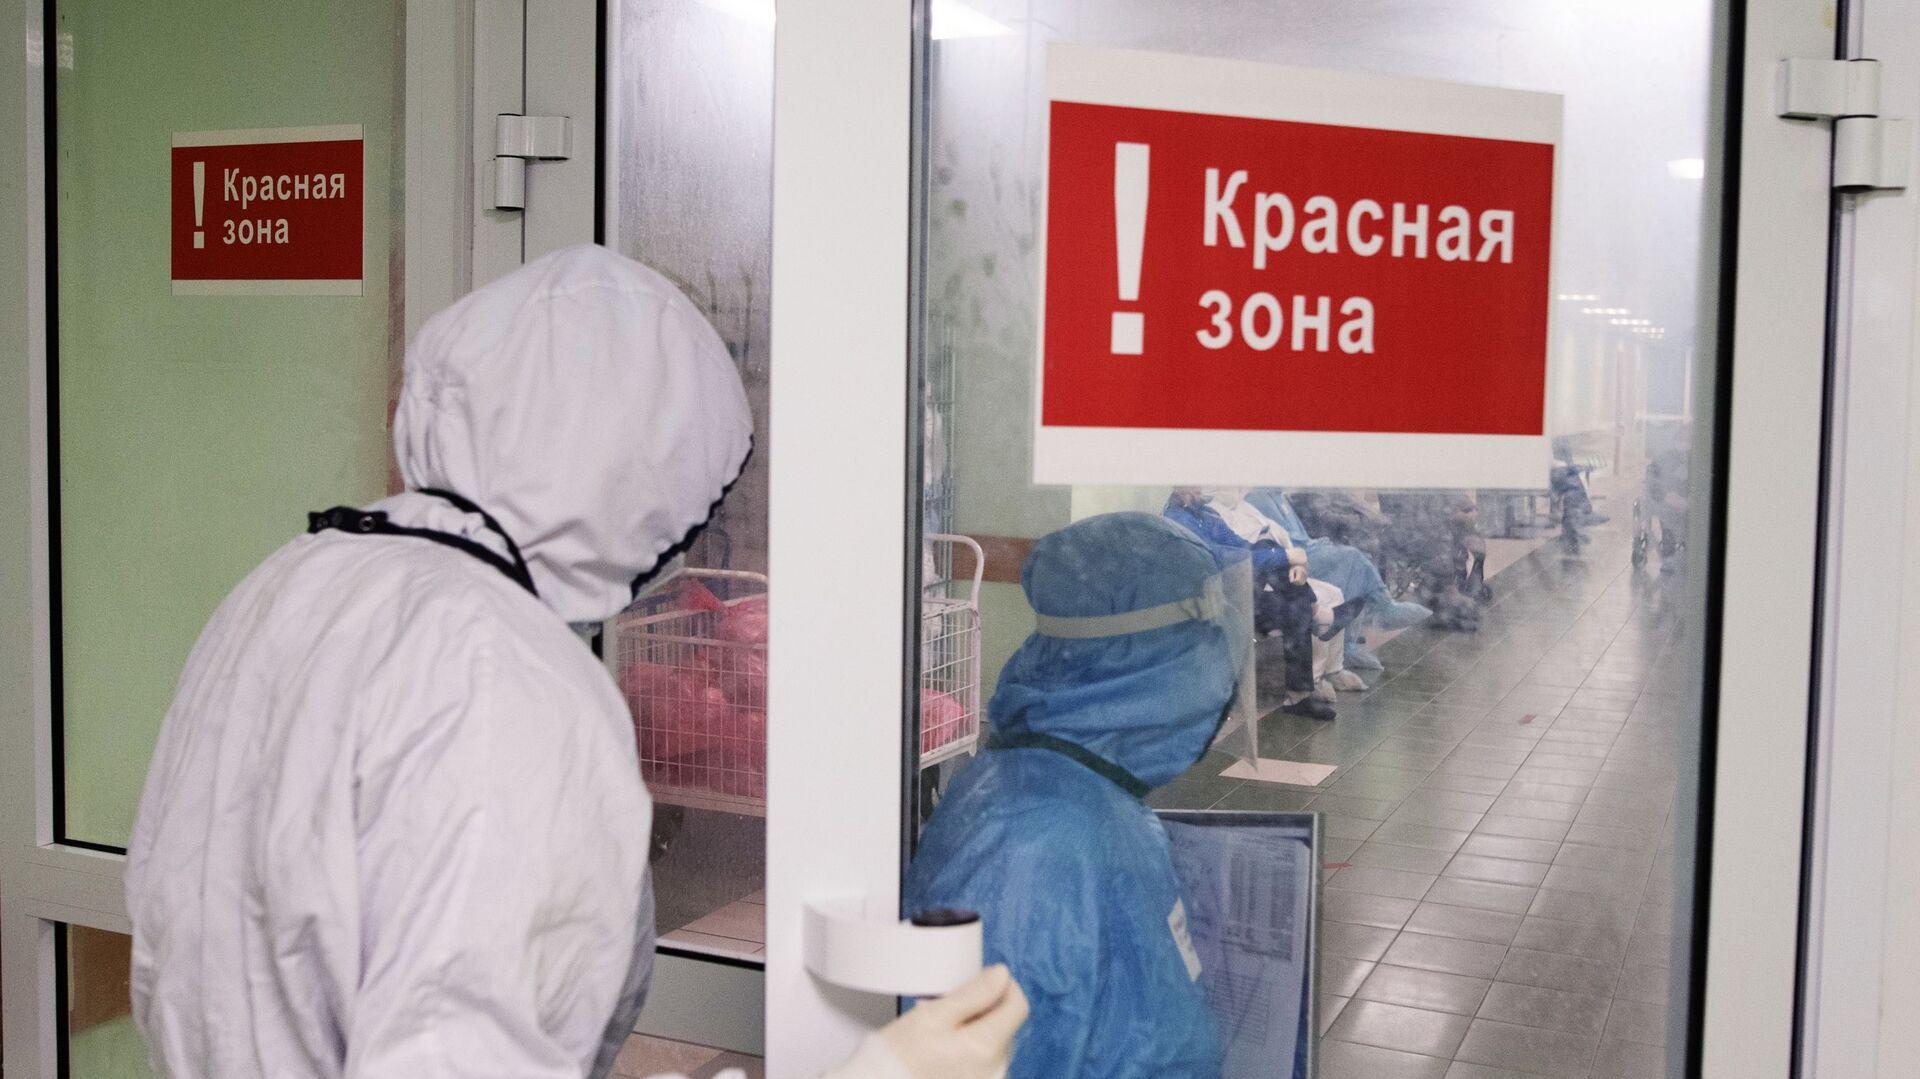 Медицинские сотрудники входят в красную зону городской клинической больницы - Sputnik Беларусь, 1920, 14.10.2021